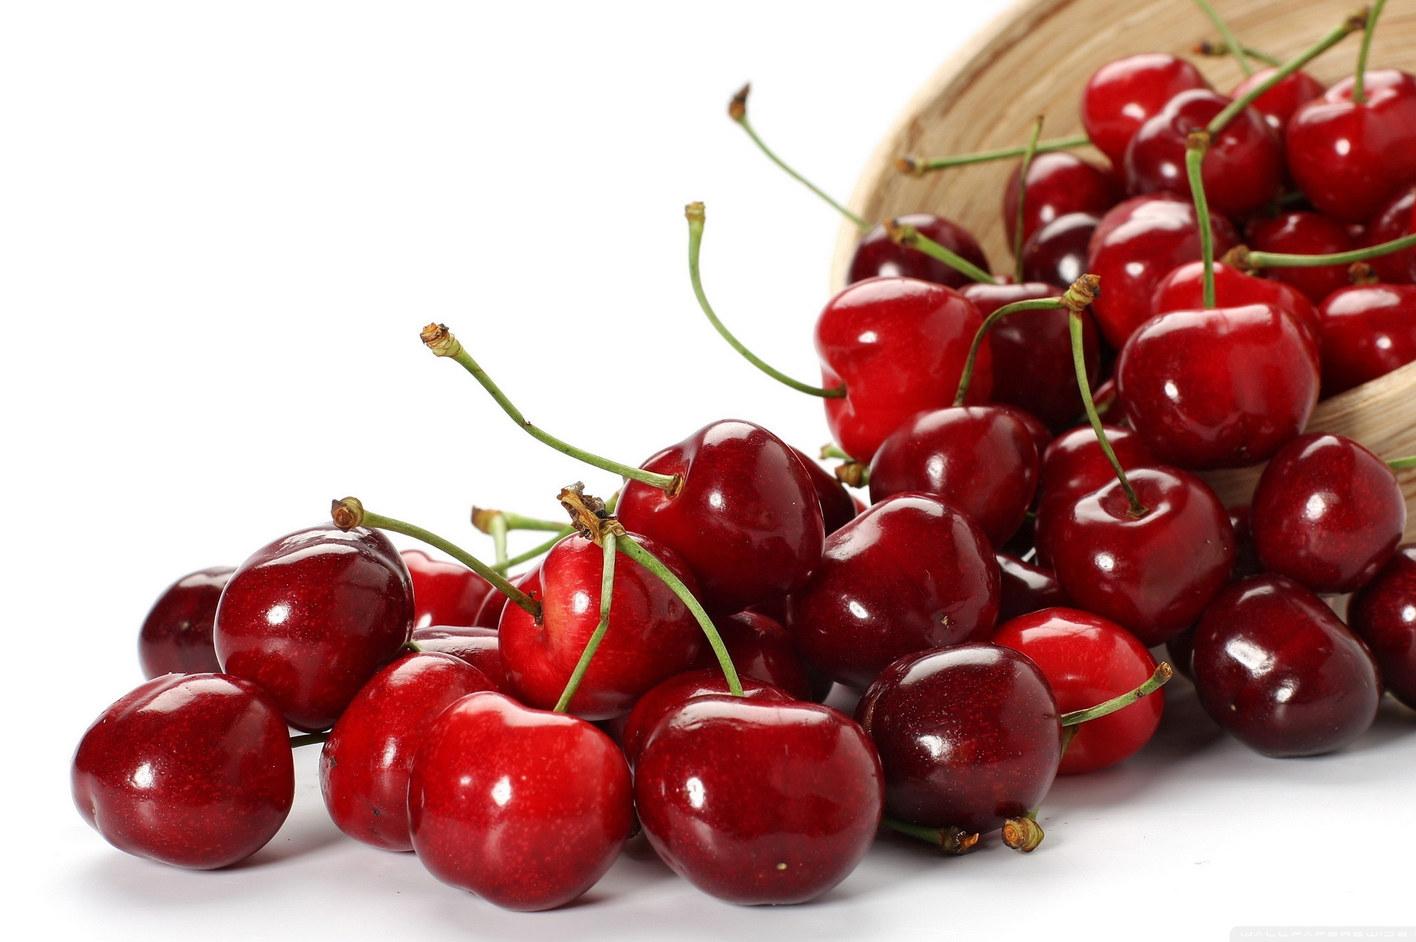 6887523-fruit-wallpaper-hd.jpg